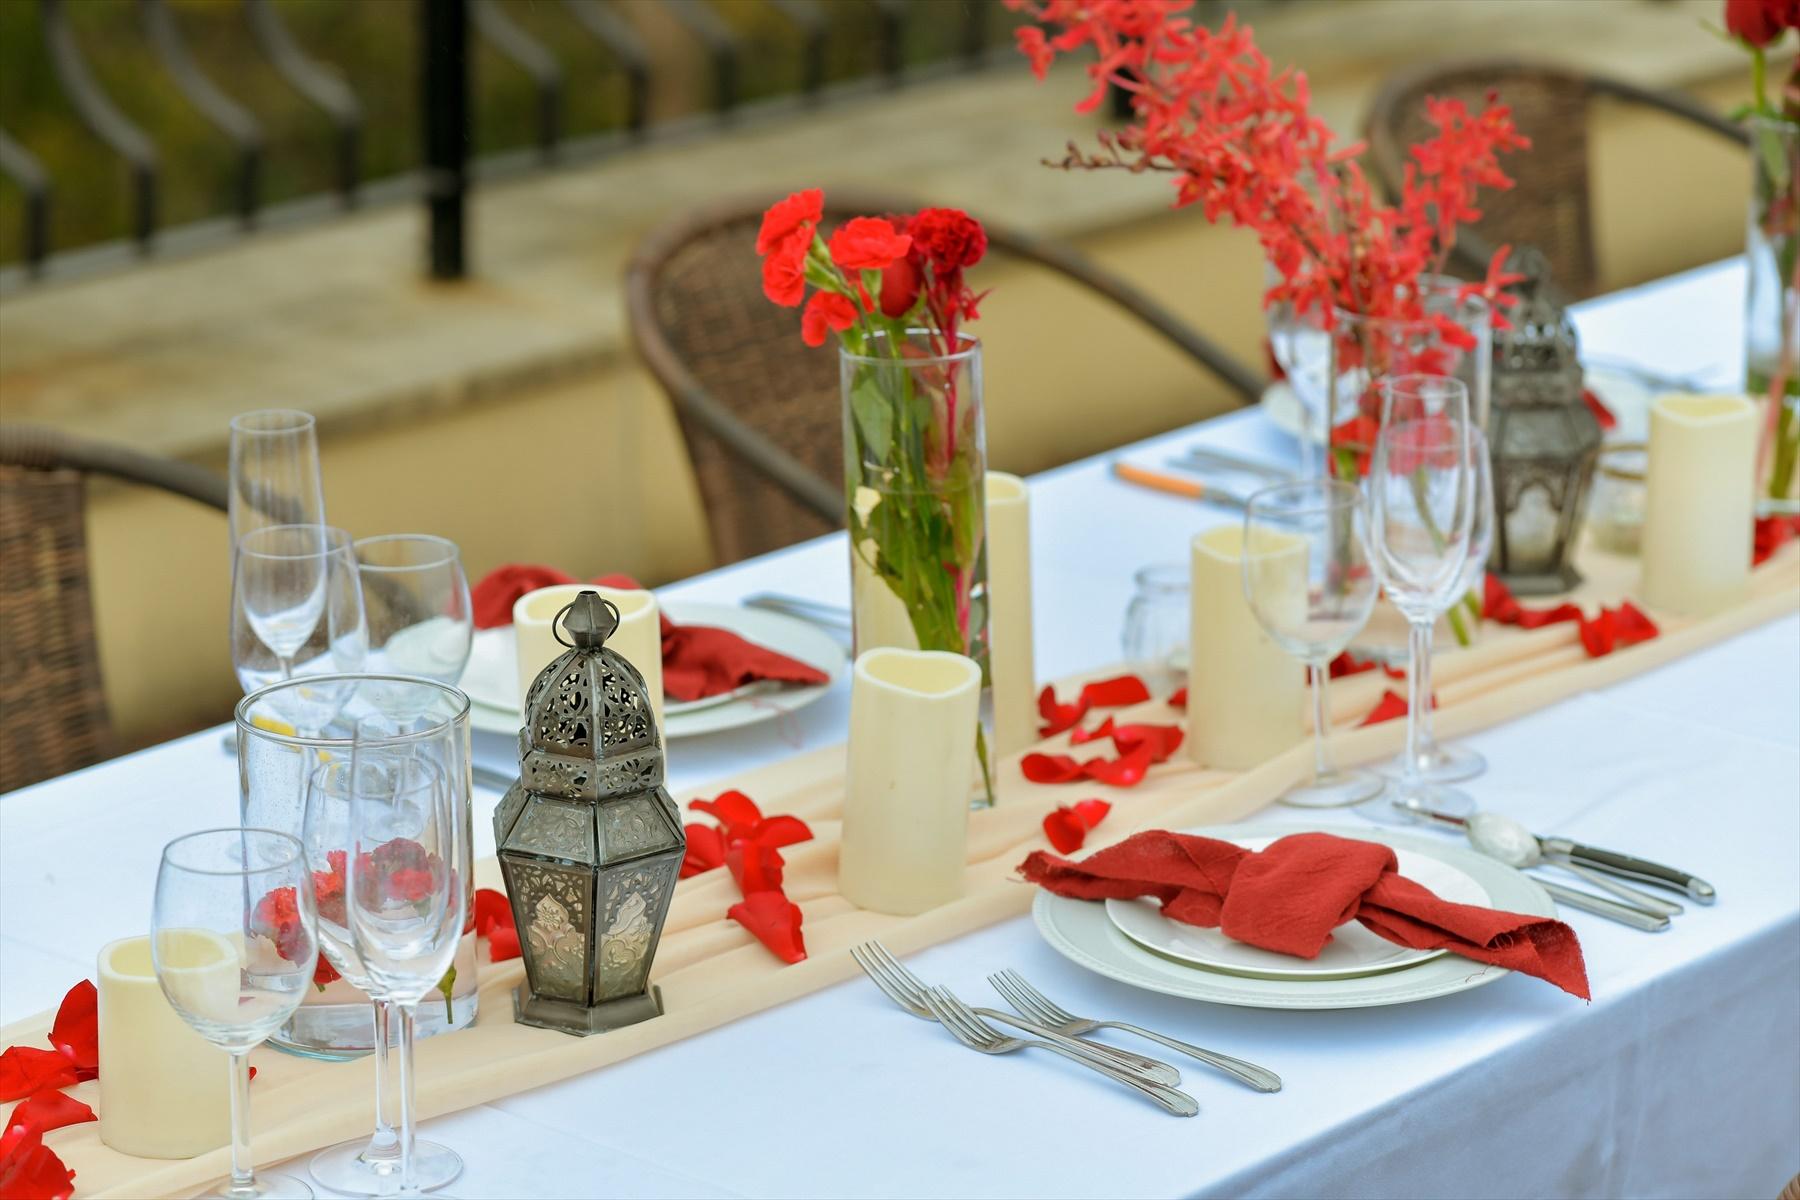 東静岡ウェディングパーティー会場装飾 テーブル生花装飾 熱海スパ&リゾート